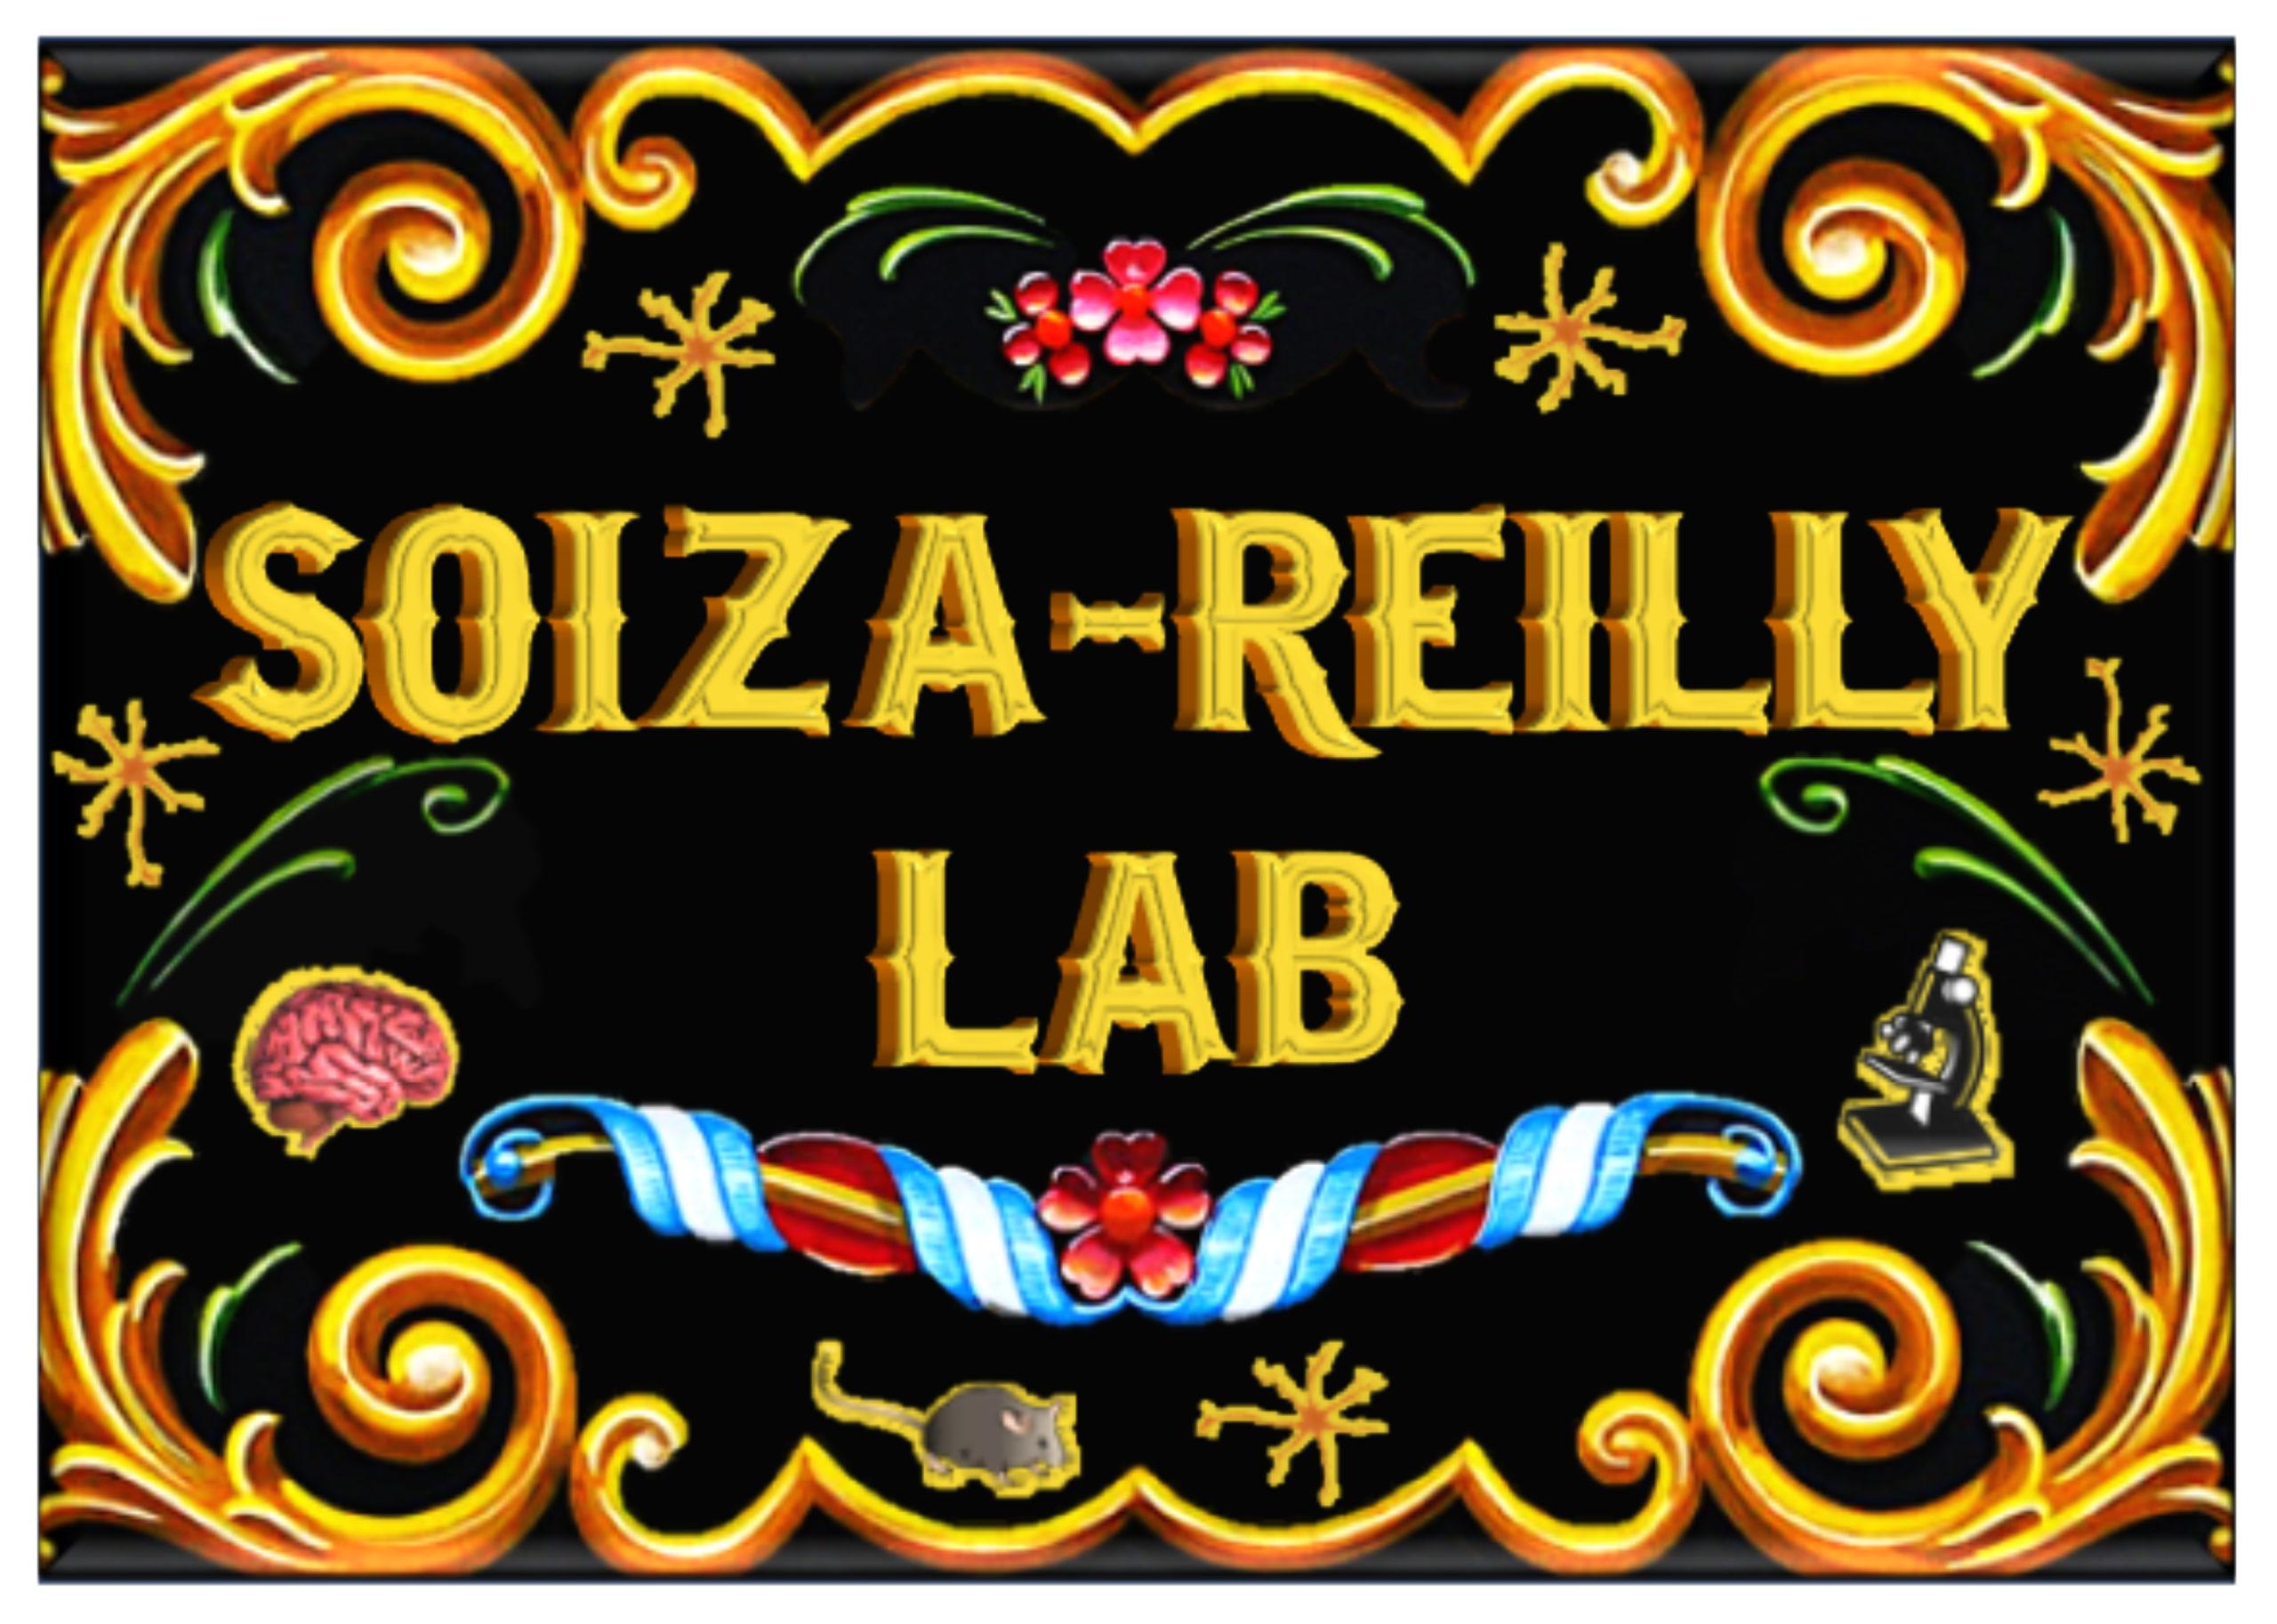 Grupo Soiza Reilly